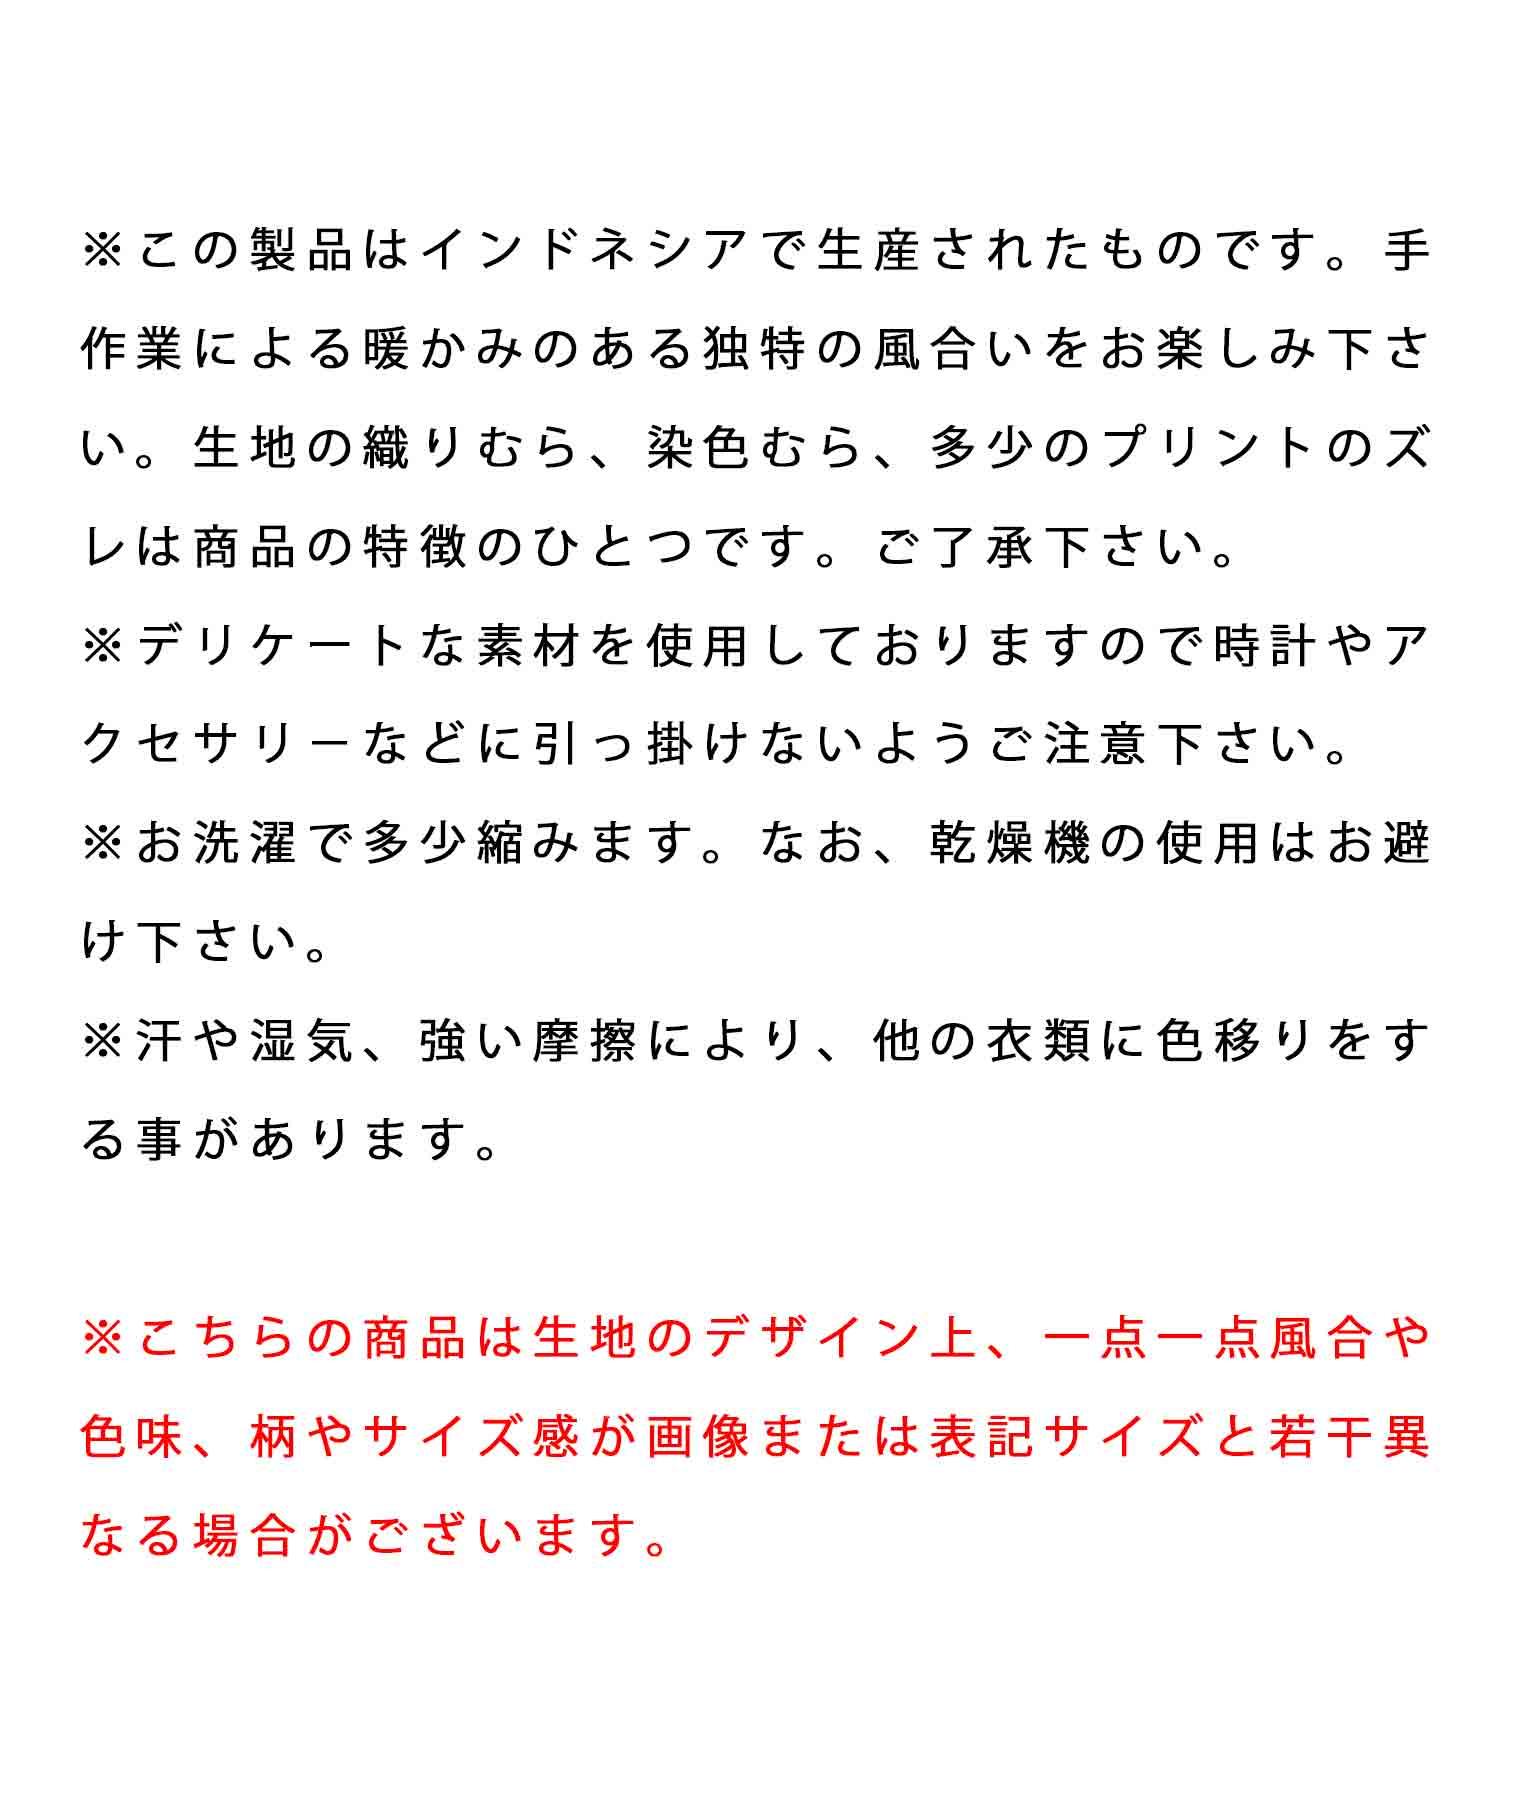 バストフレアベアマキシワンピース(ワンピース・ドレス/ロングワンピ・マキシ丈ワンピース) | anap mimpi